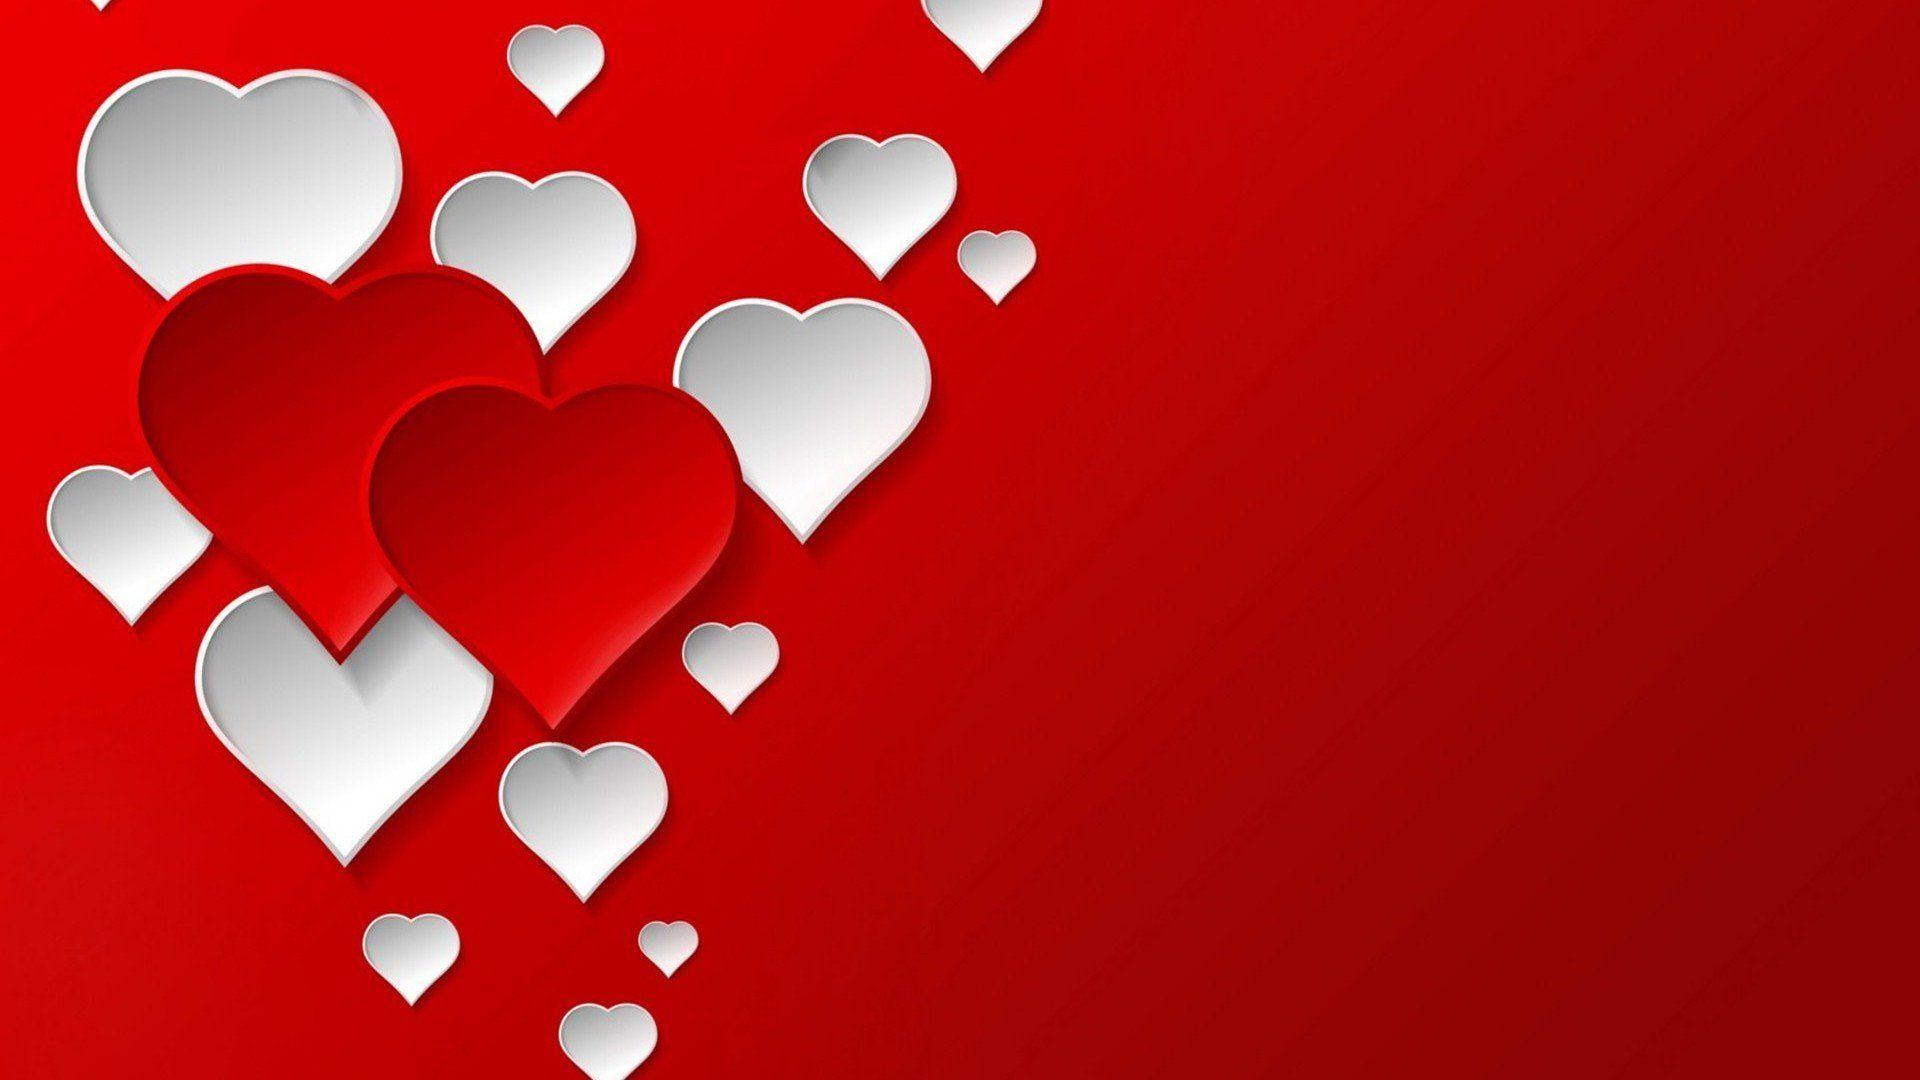 Heart Wallpaper High Definition Click Wallpapers Heart